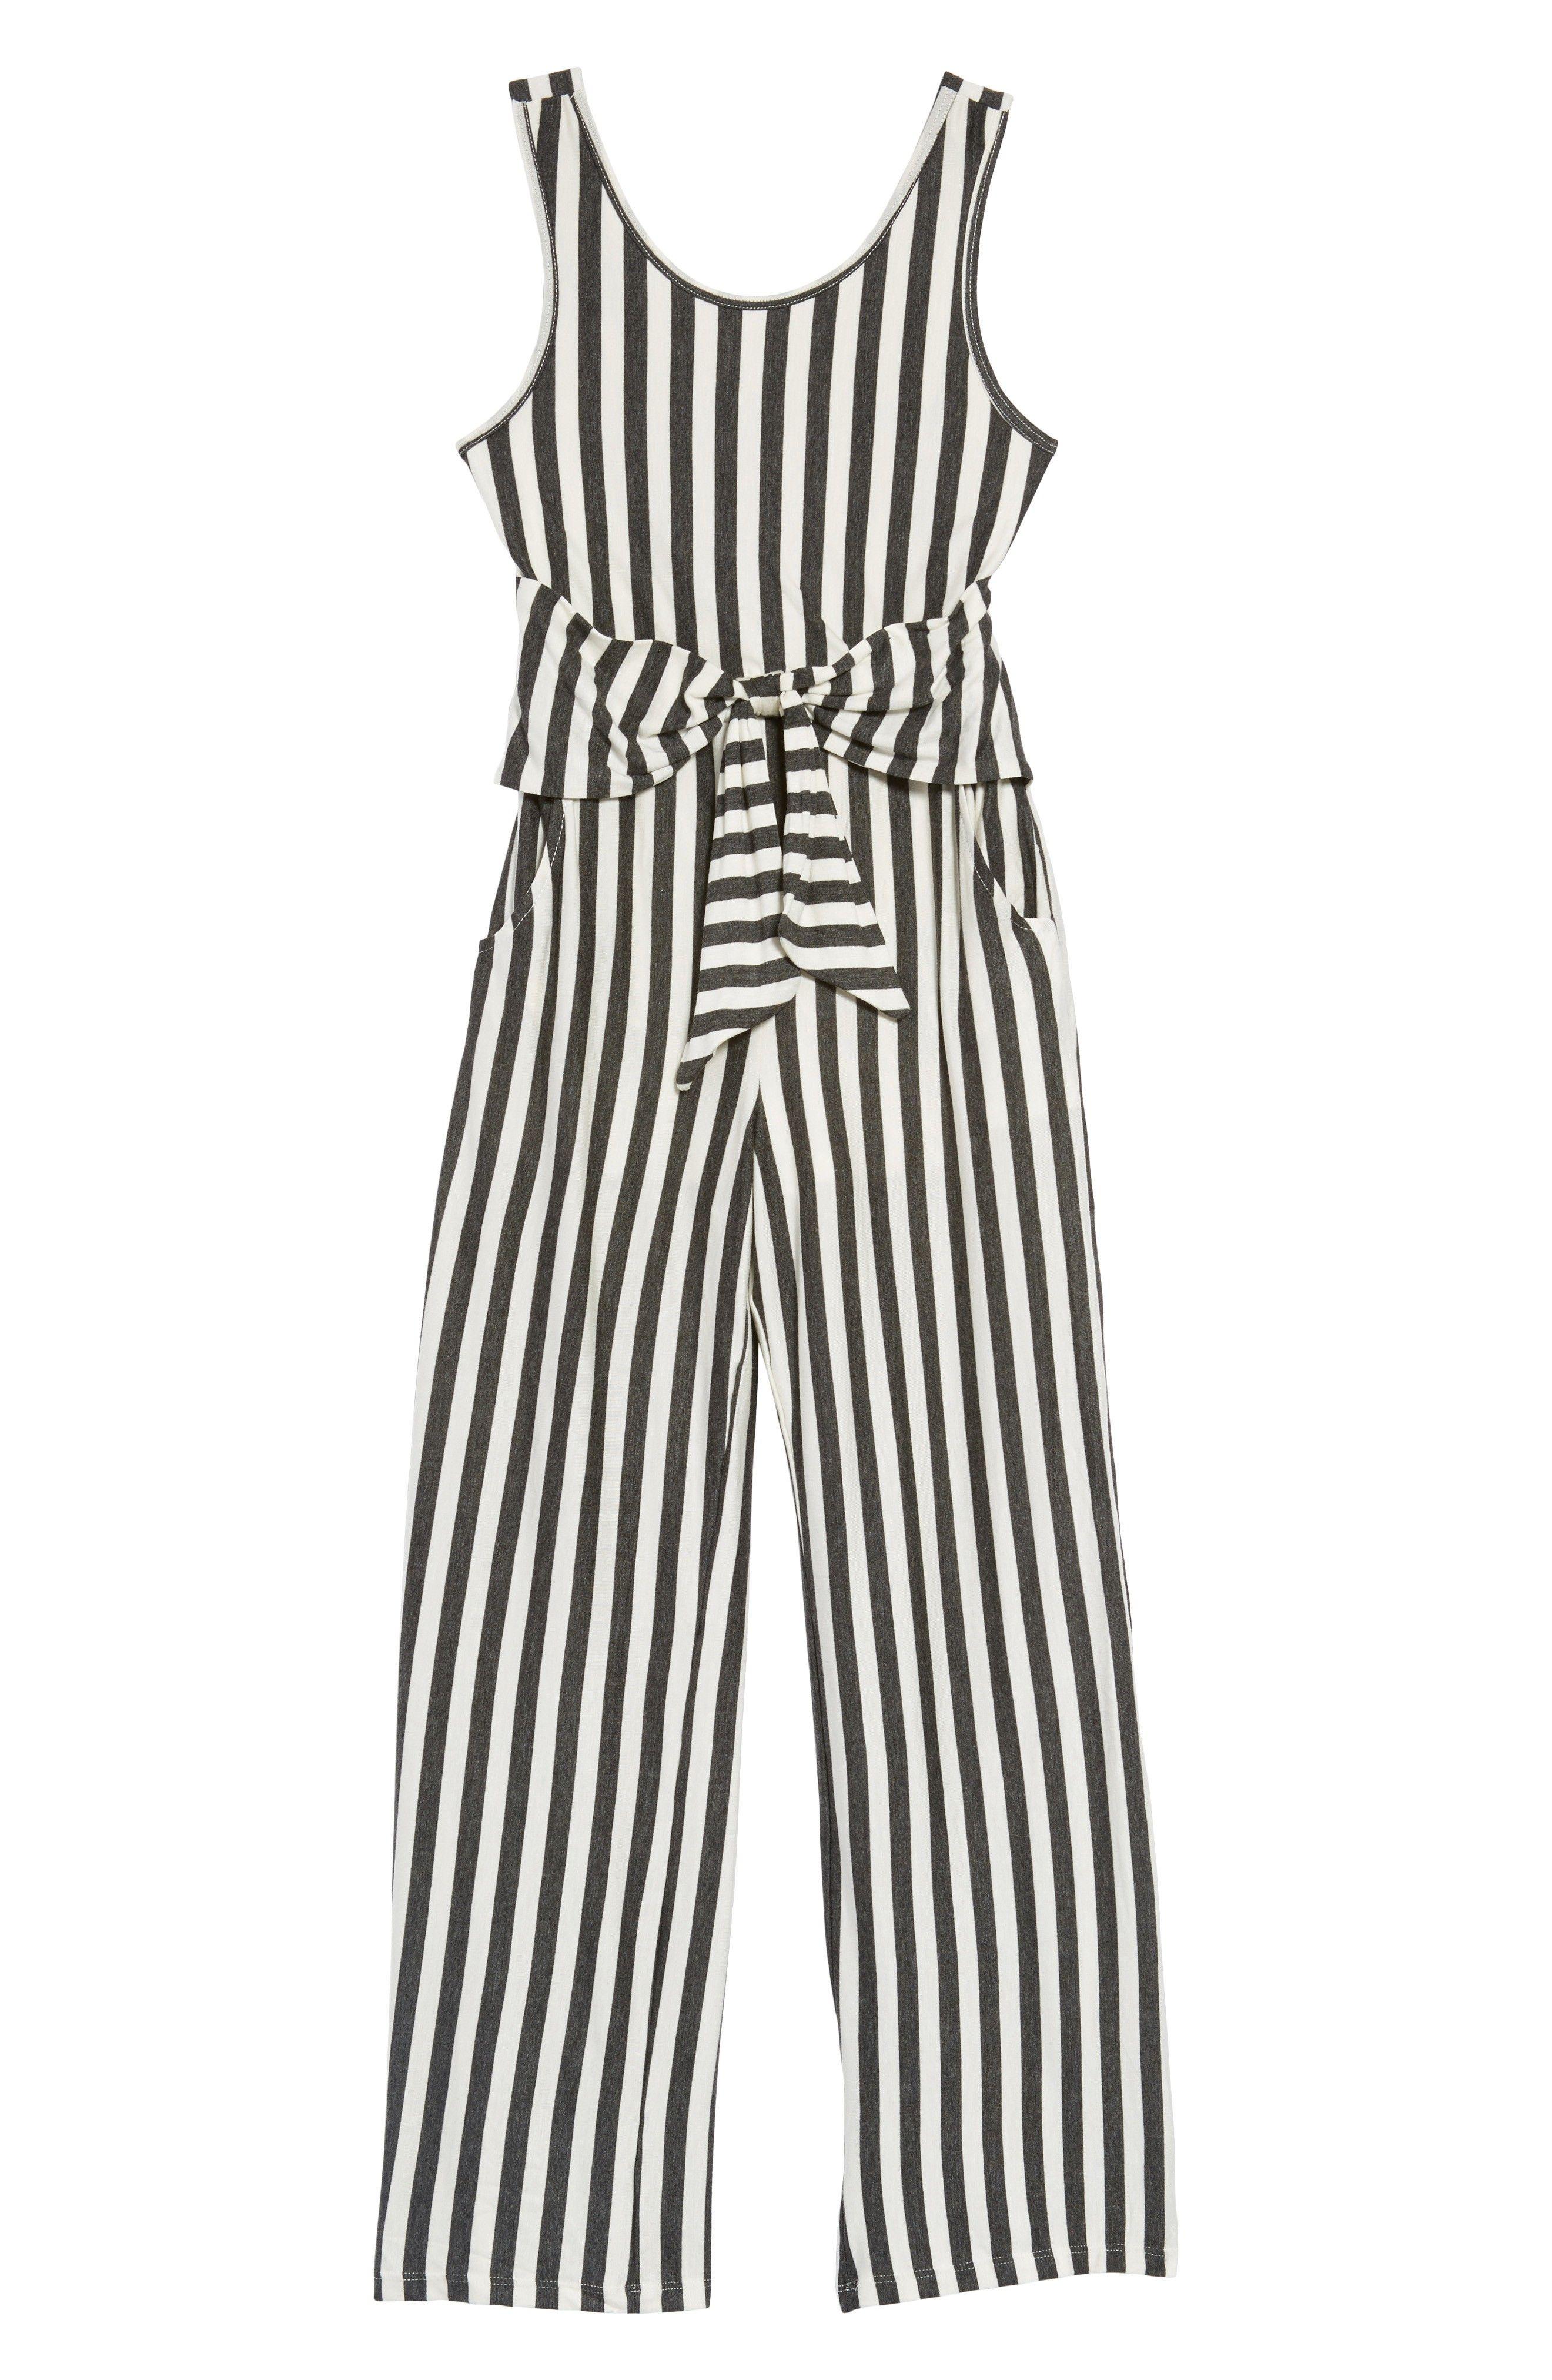 cb895b65f555 Stripe Tie Front Knit Jumpsuit KIDS TWEEN fashion